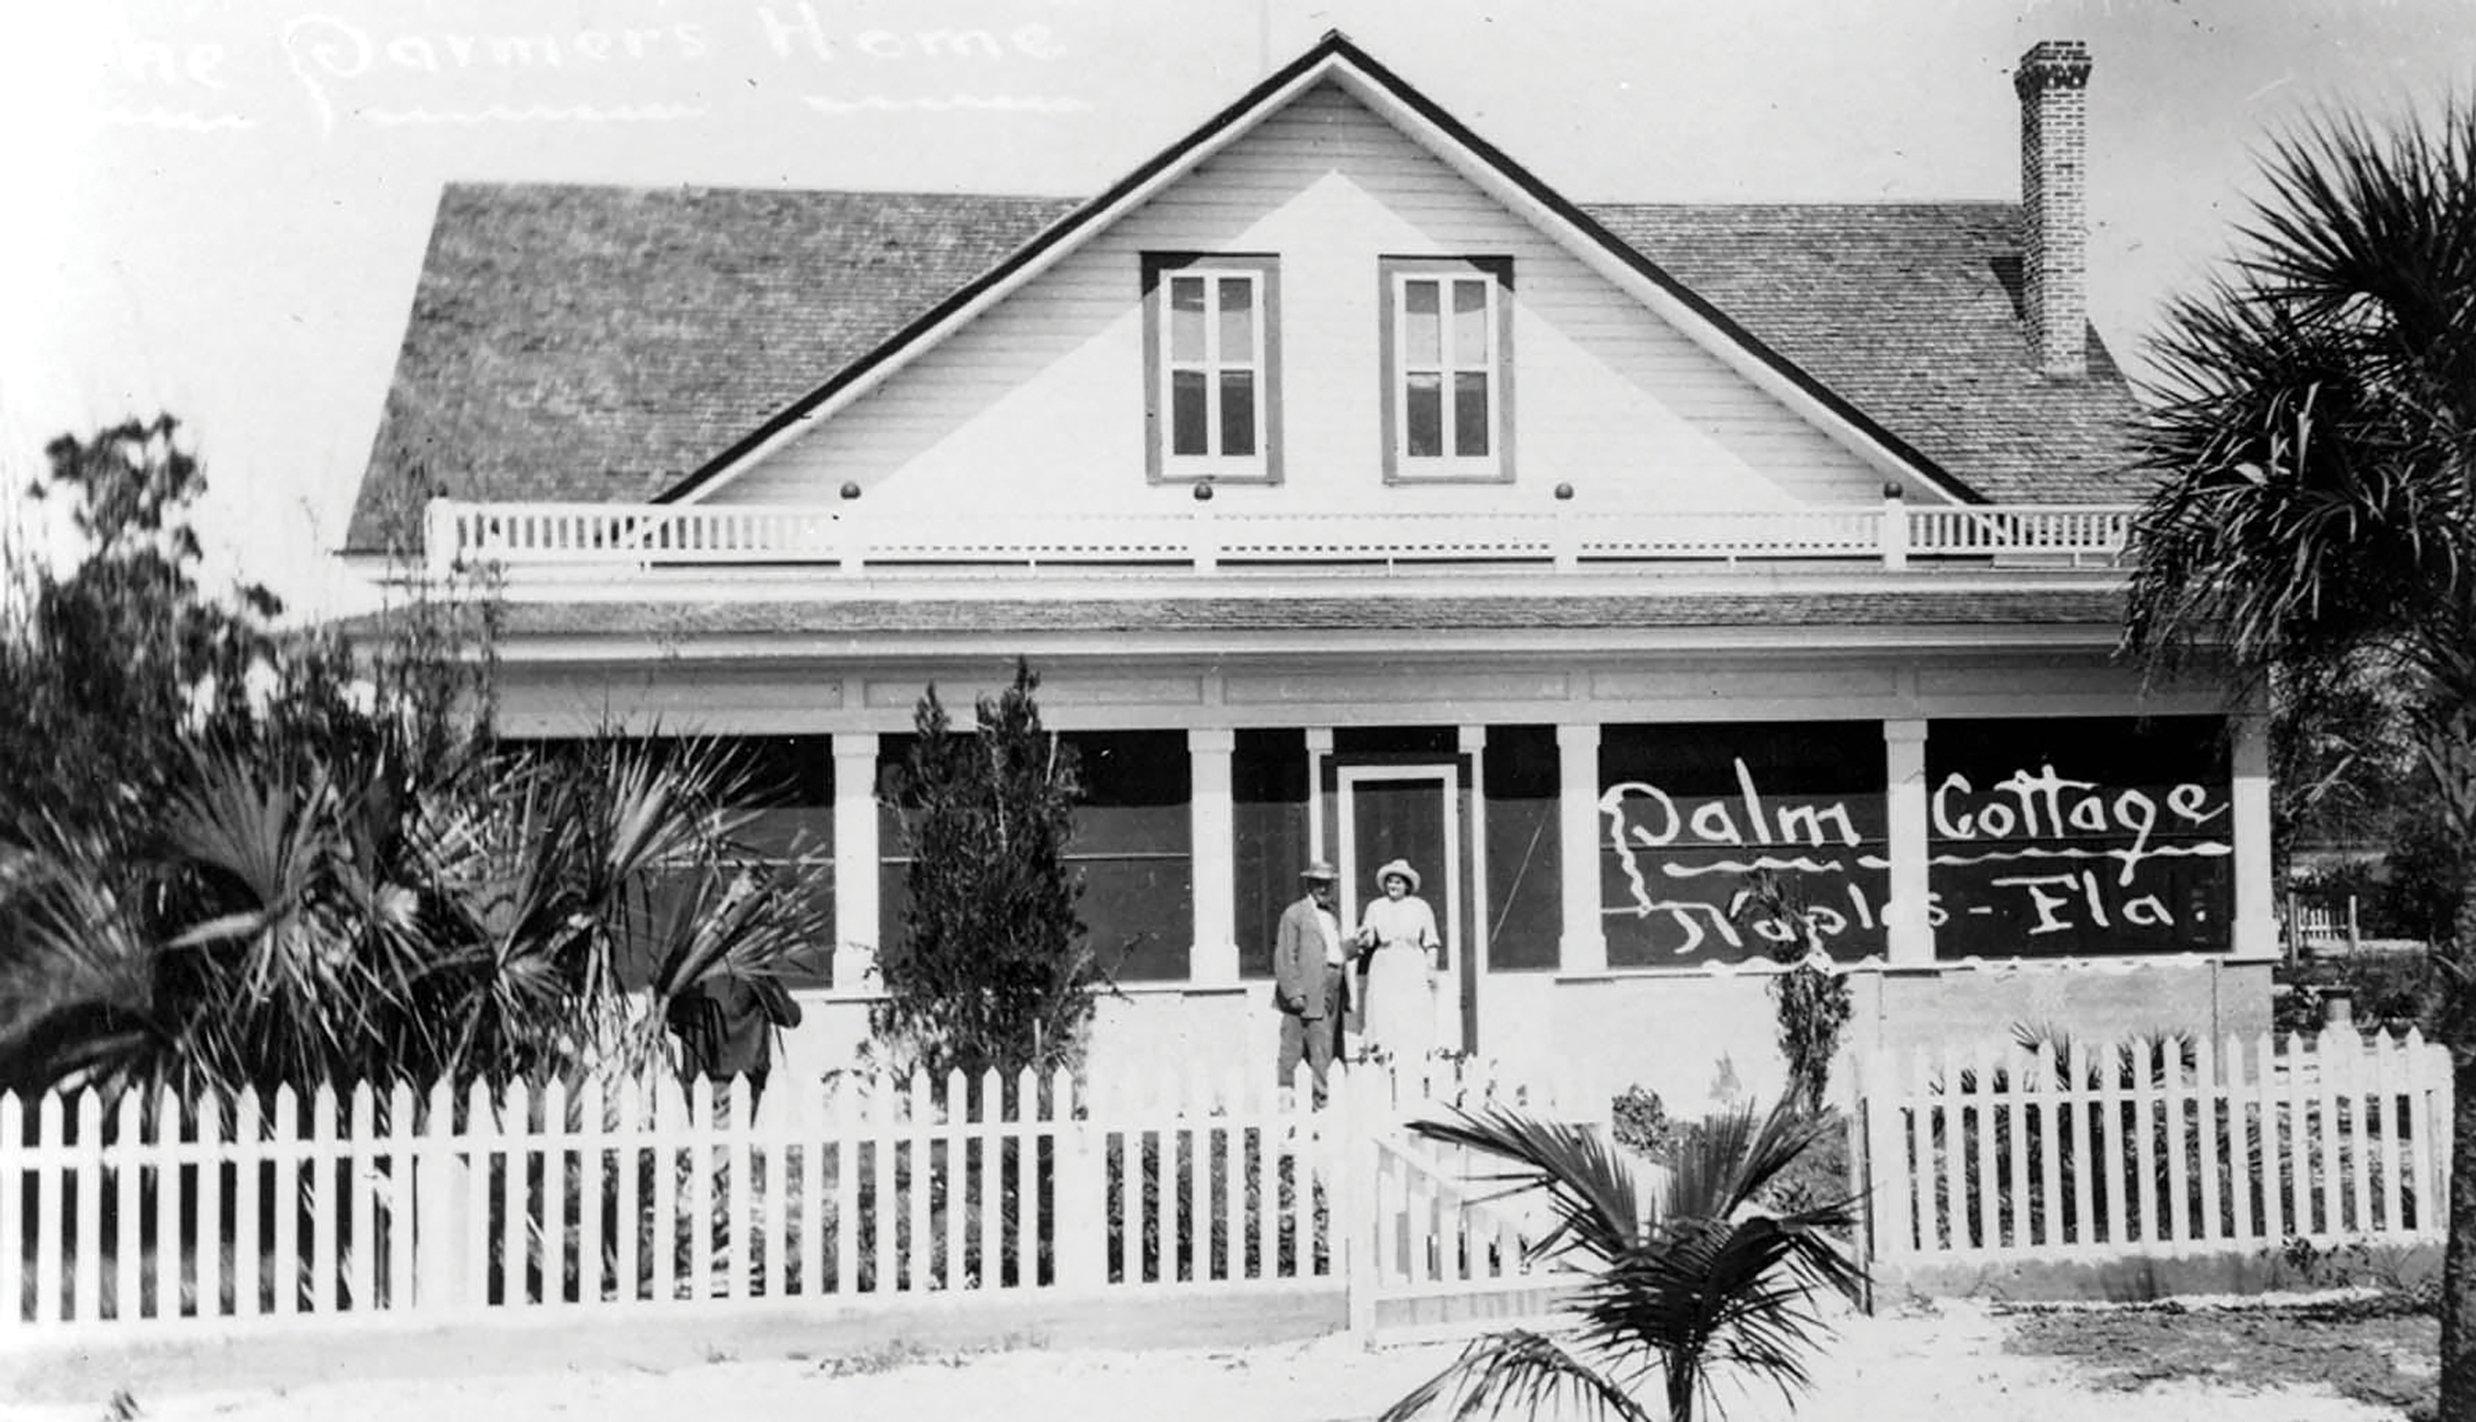 Palm Cottage c. 1912